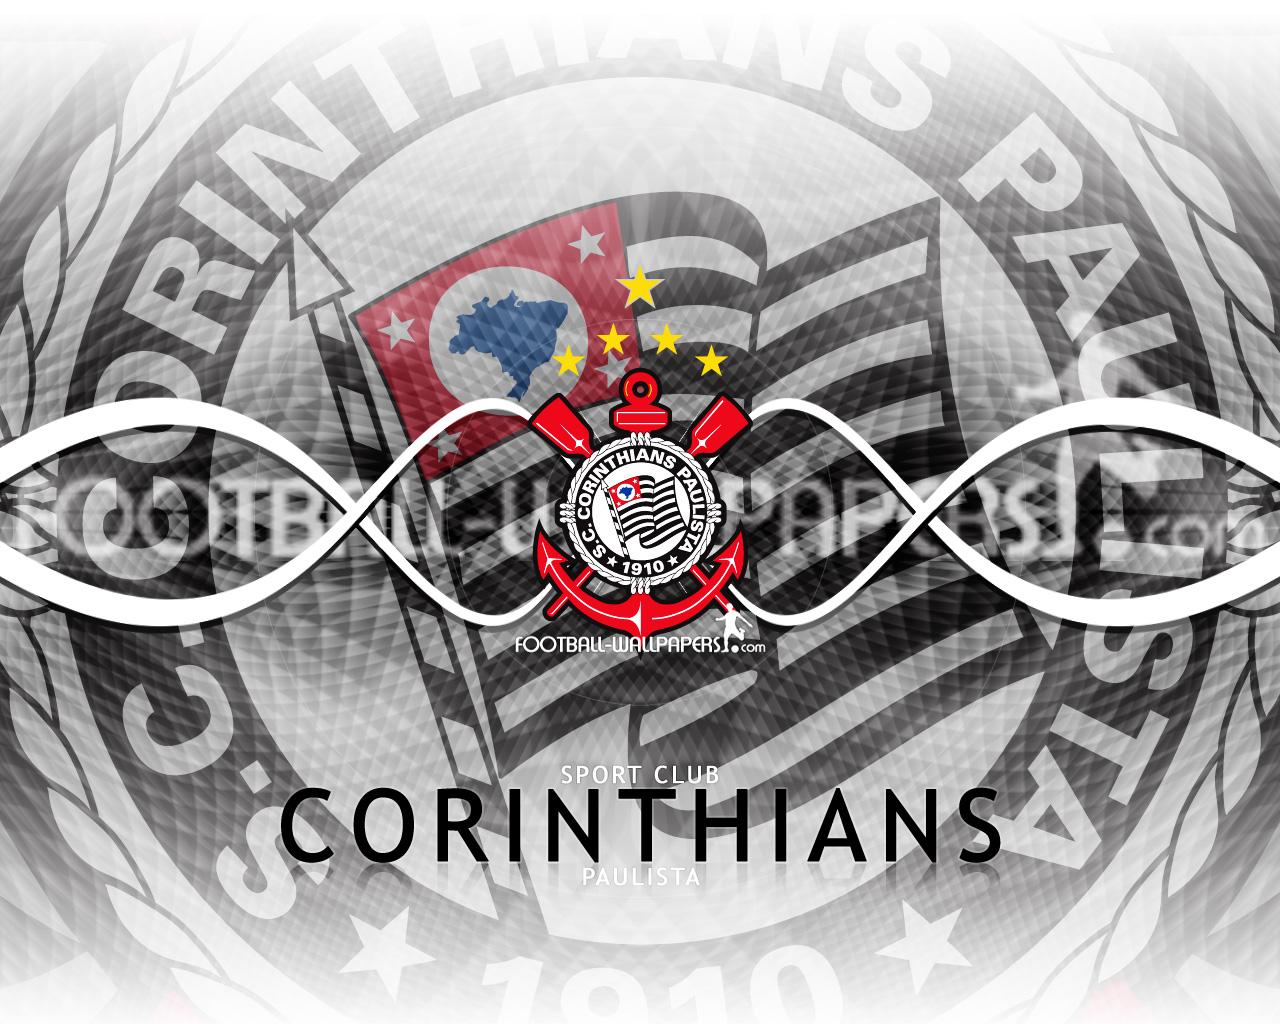 http://3.bp.blogspot.com/-6sAUvbEm3vE/Ta2wOw54LUI/AAAAAAAAAF4/3_7nVjWnCmY/s1600/Corinthians.jpg